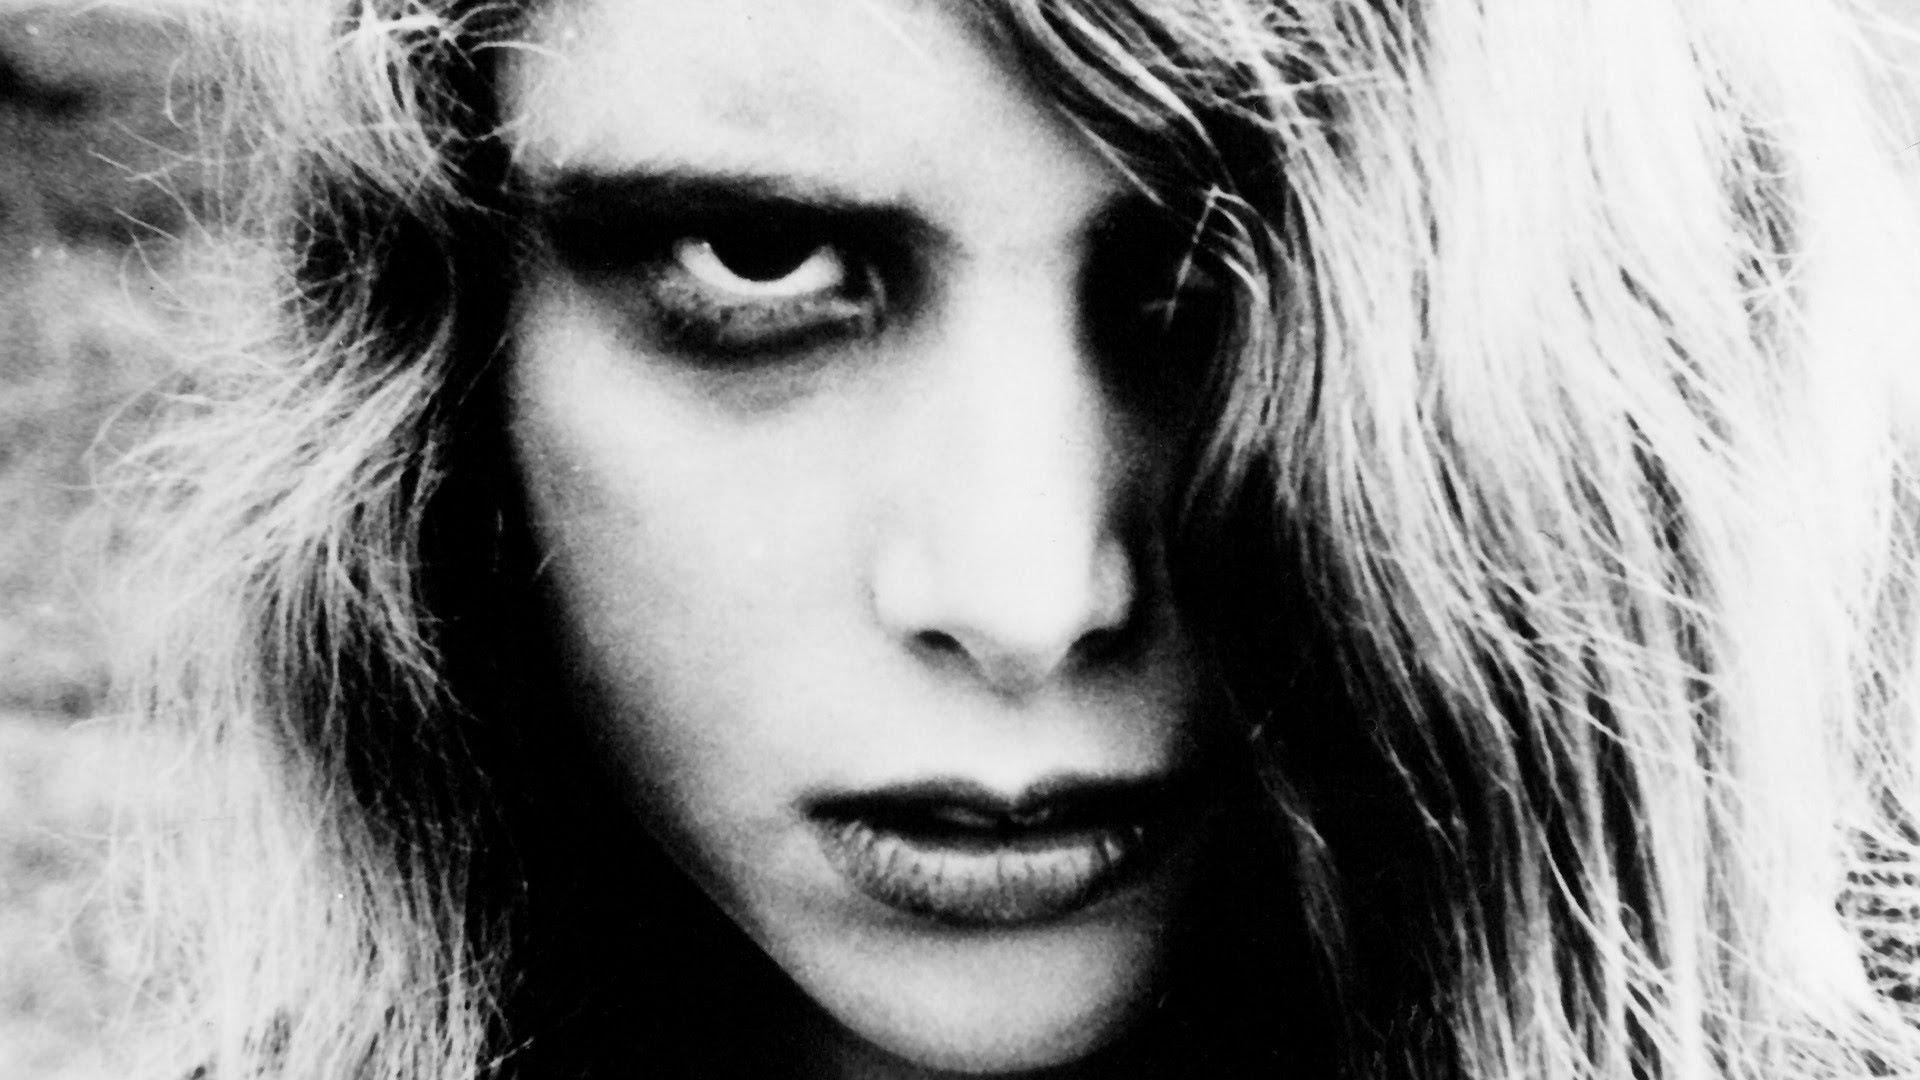 La noche de los muertos vivientes (Night of the Living Dead), Filme de 1968 – Soundtrack